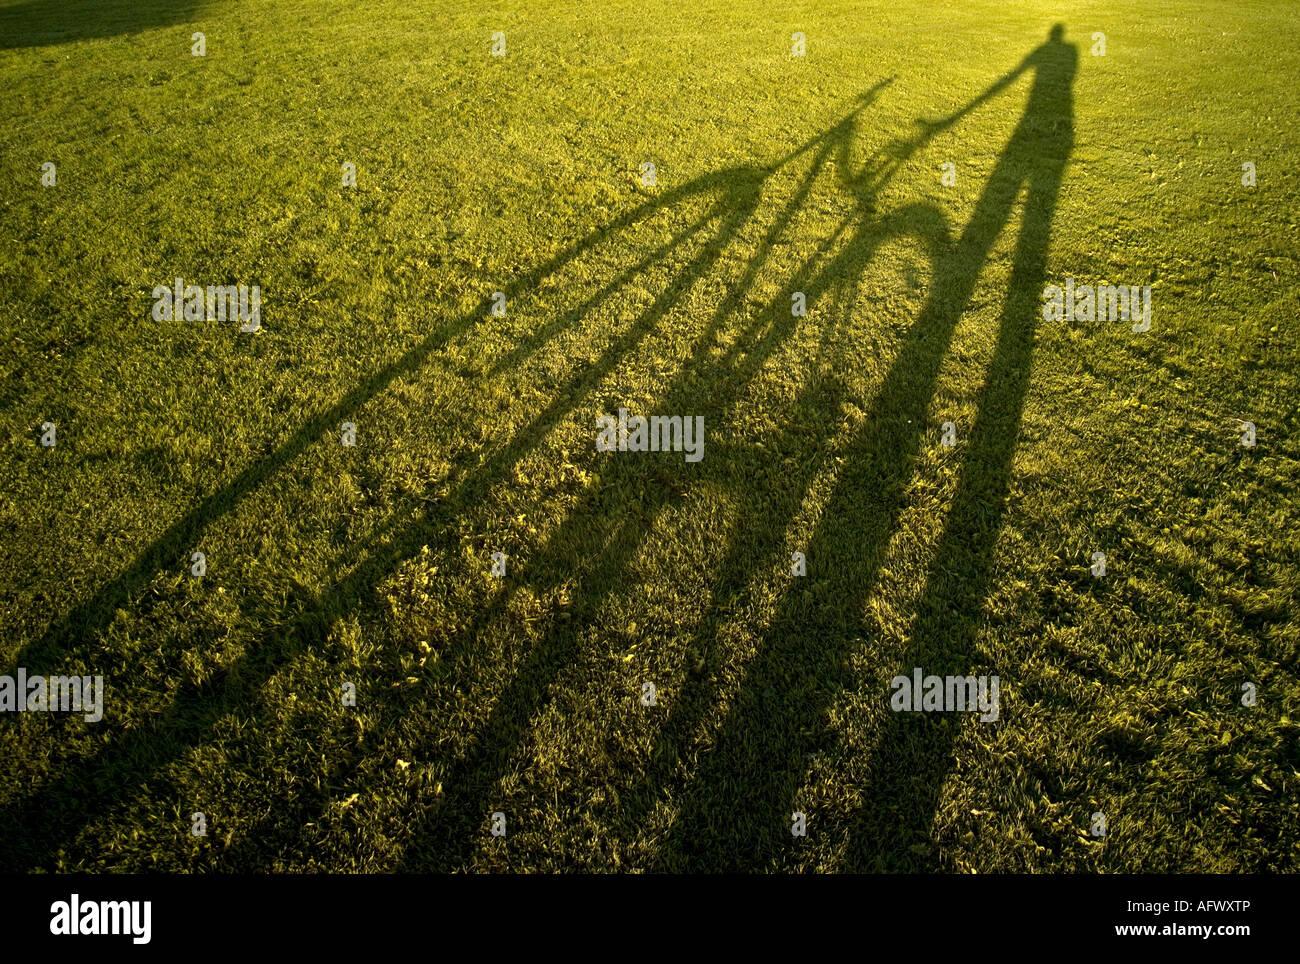 Schatten der Radfahrer und Fahrrad auf grünen Rasen Rasen zur Veranschaulichung Konzept der grünen Eco Stockbild